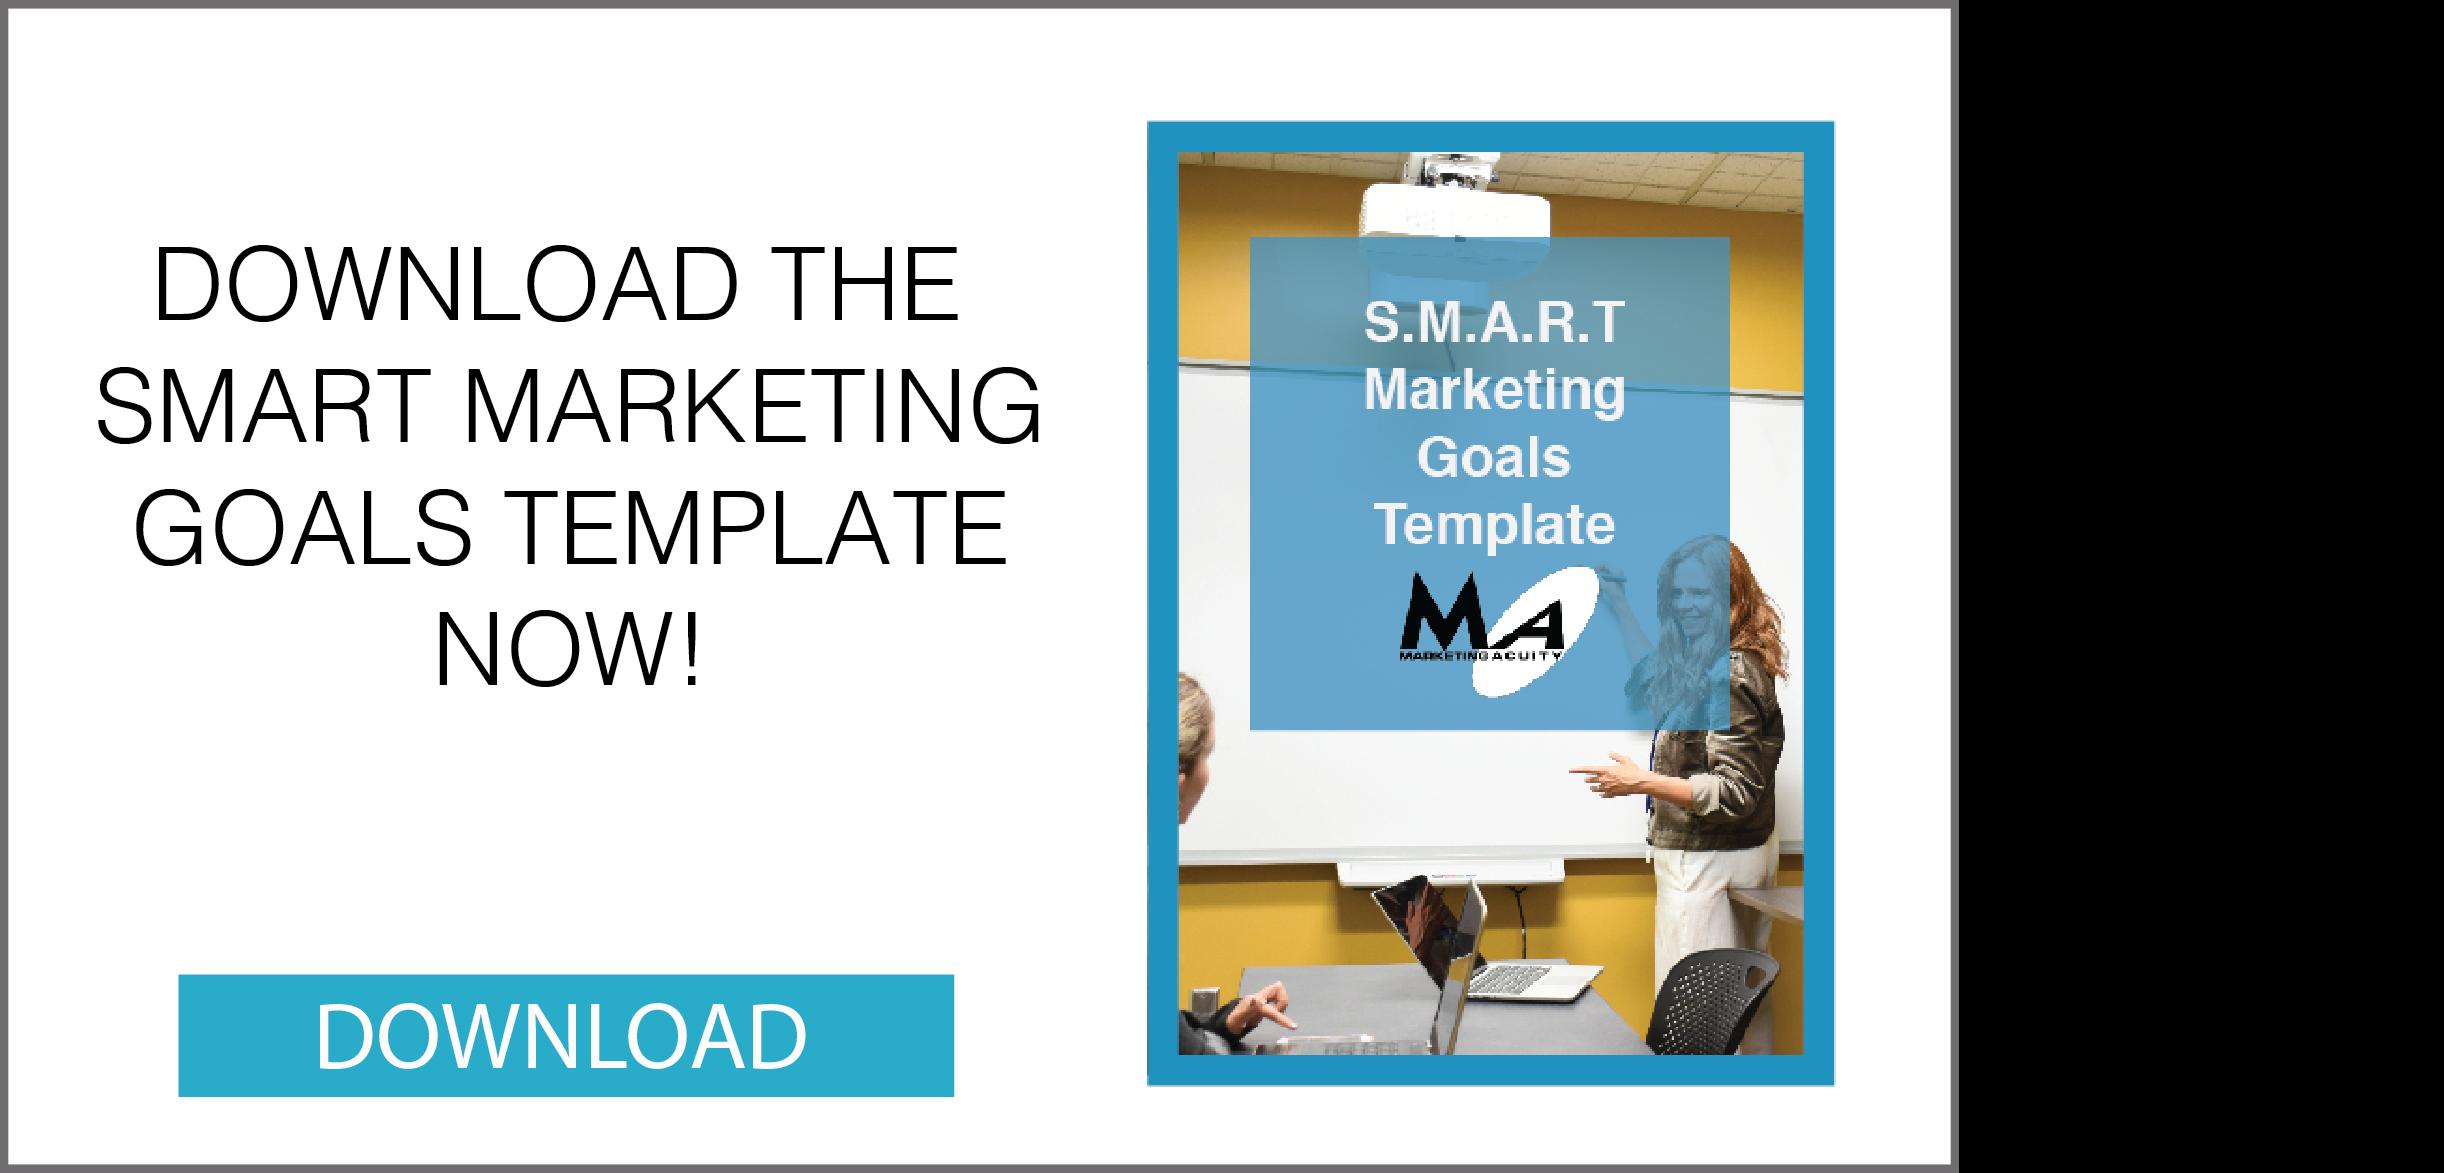 SMART Marketing Goals Template CTA